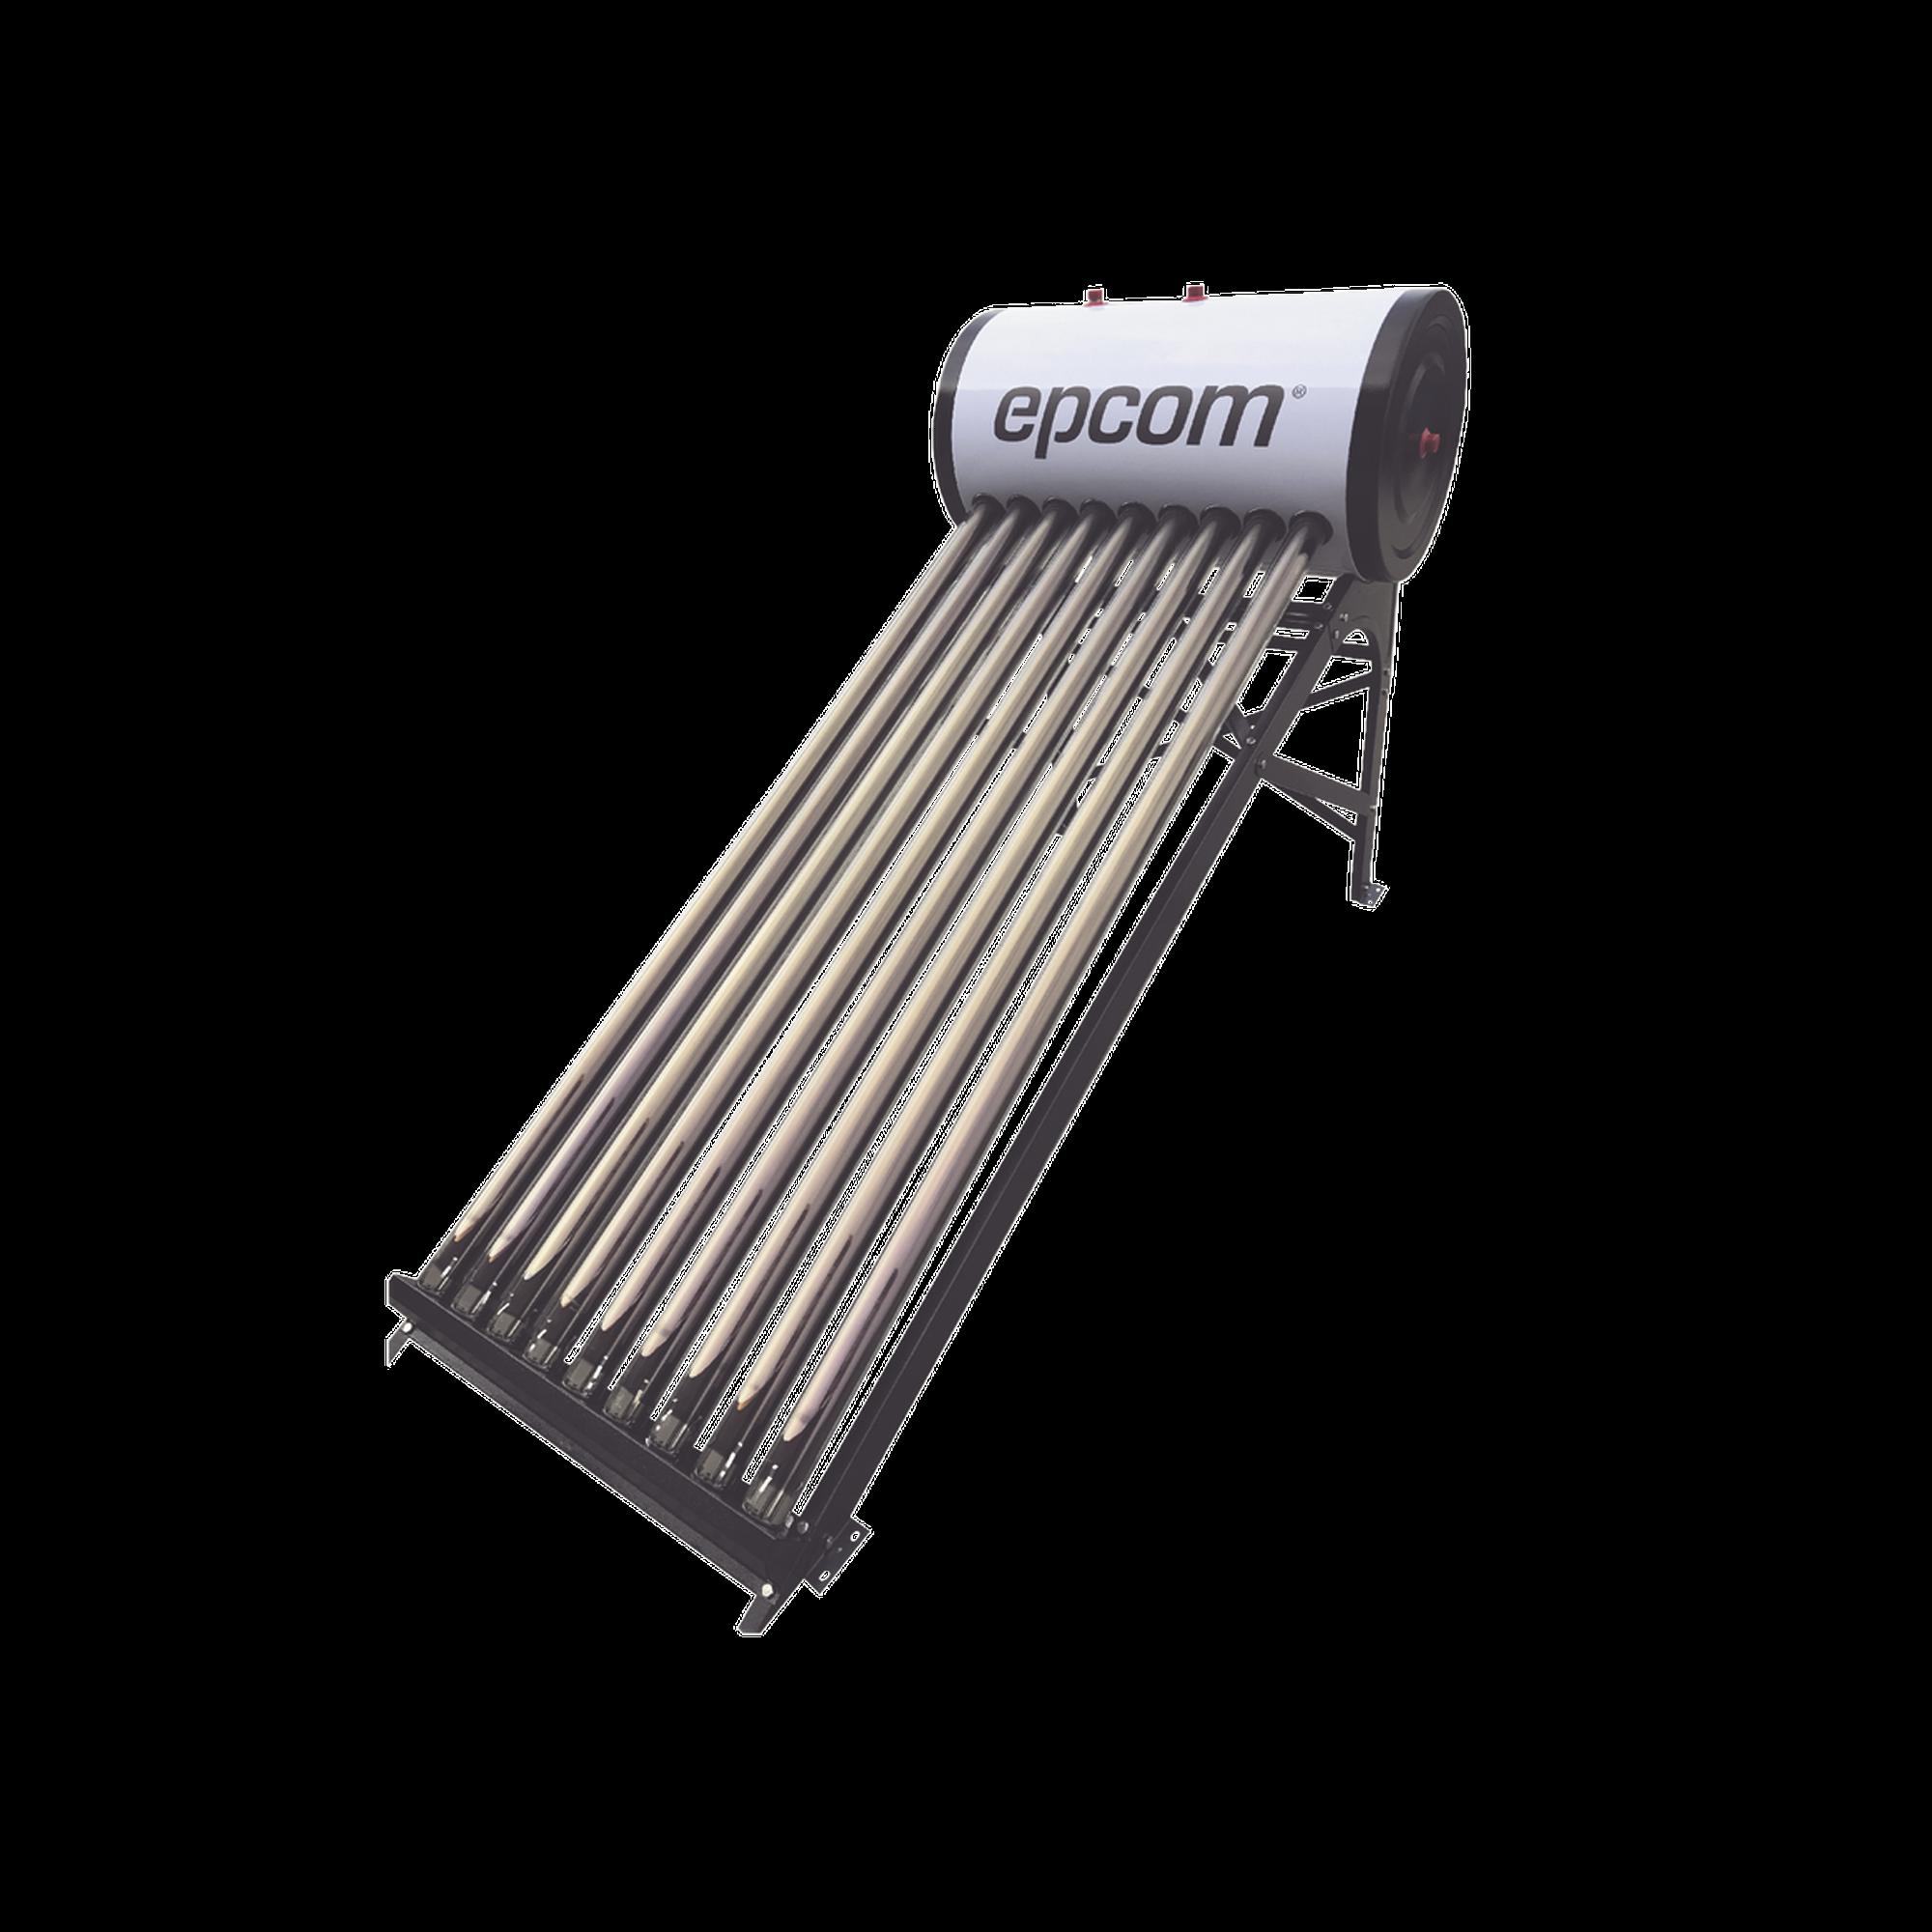 Bóiler Solar de Baja Presión con 9 Tubos de Vacío de 90 L, Resistentes a Granizo de Hasta 25 mm/ l , Incluye Anodo de Magnesio